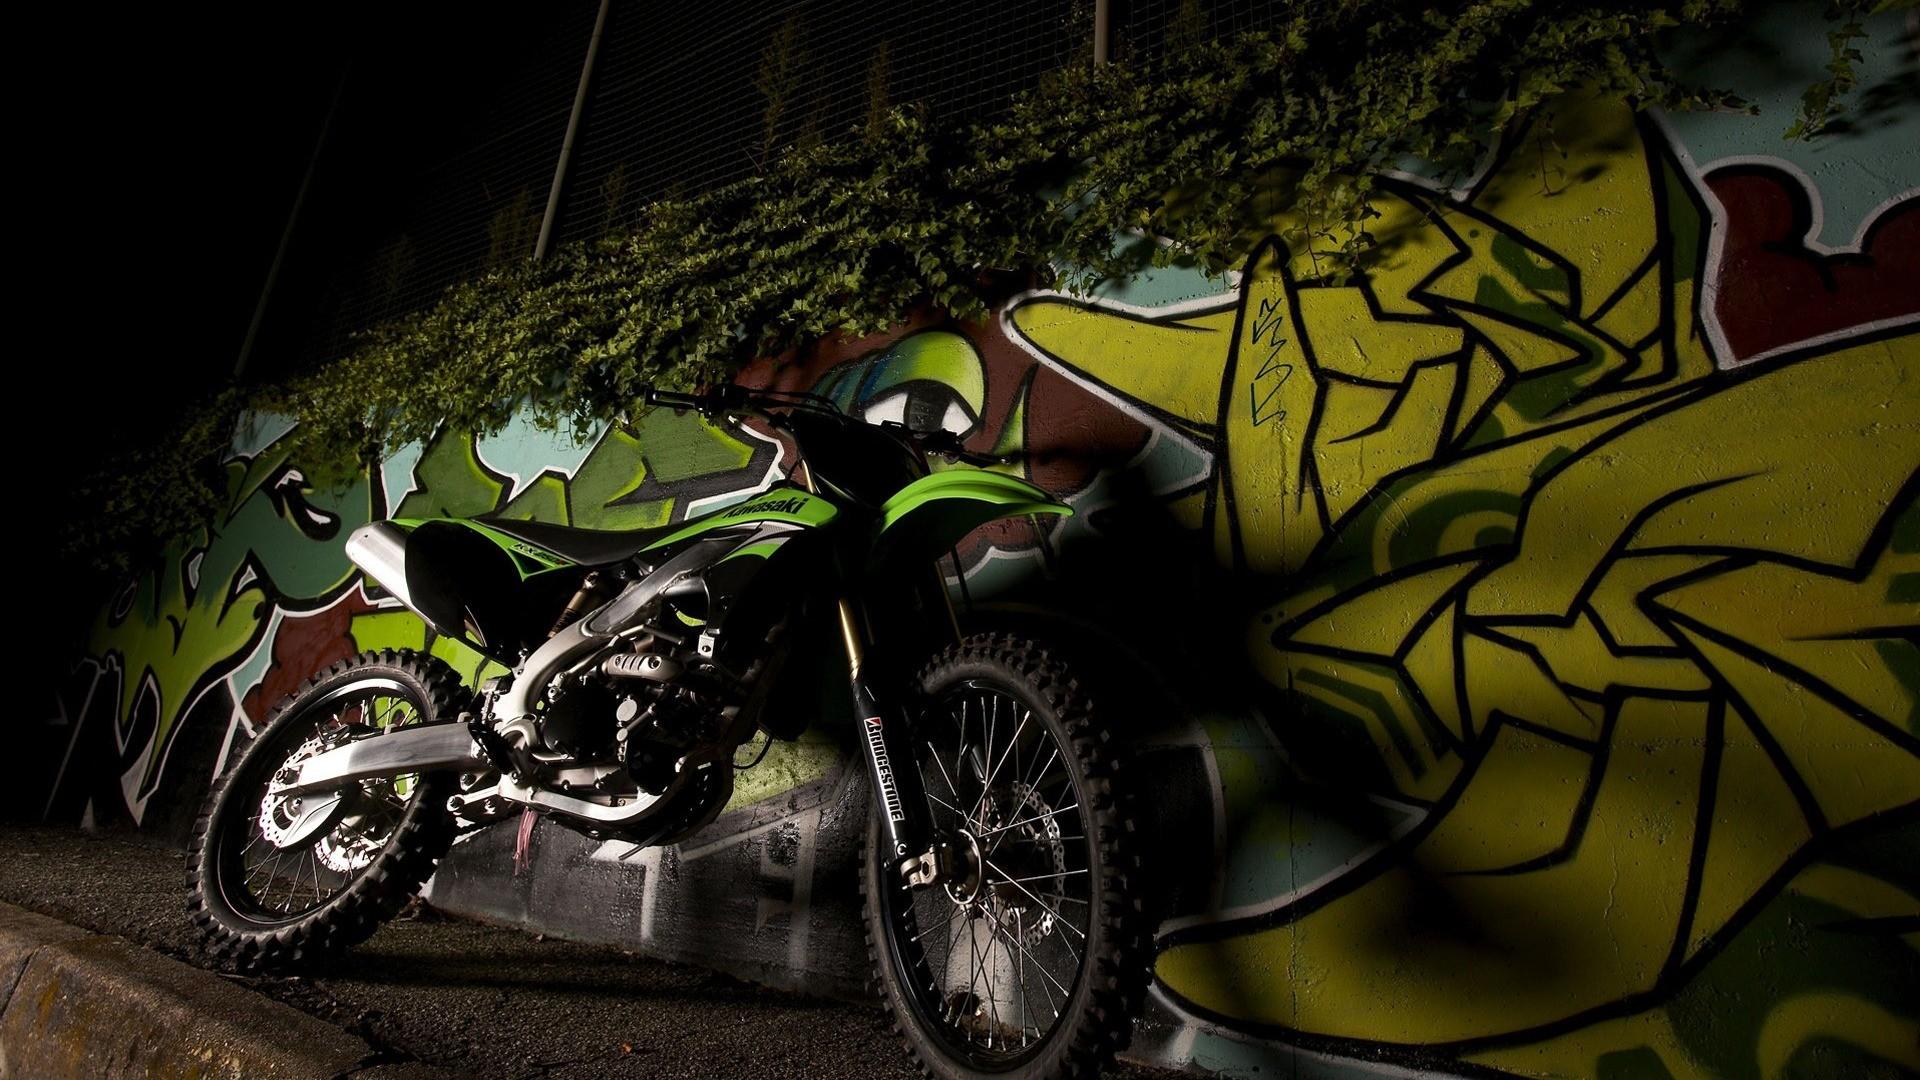 More Cars & Bikes desktop wallpapers